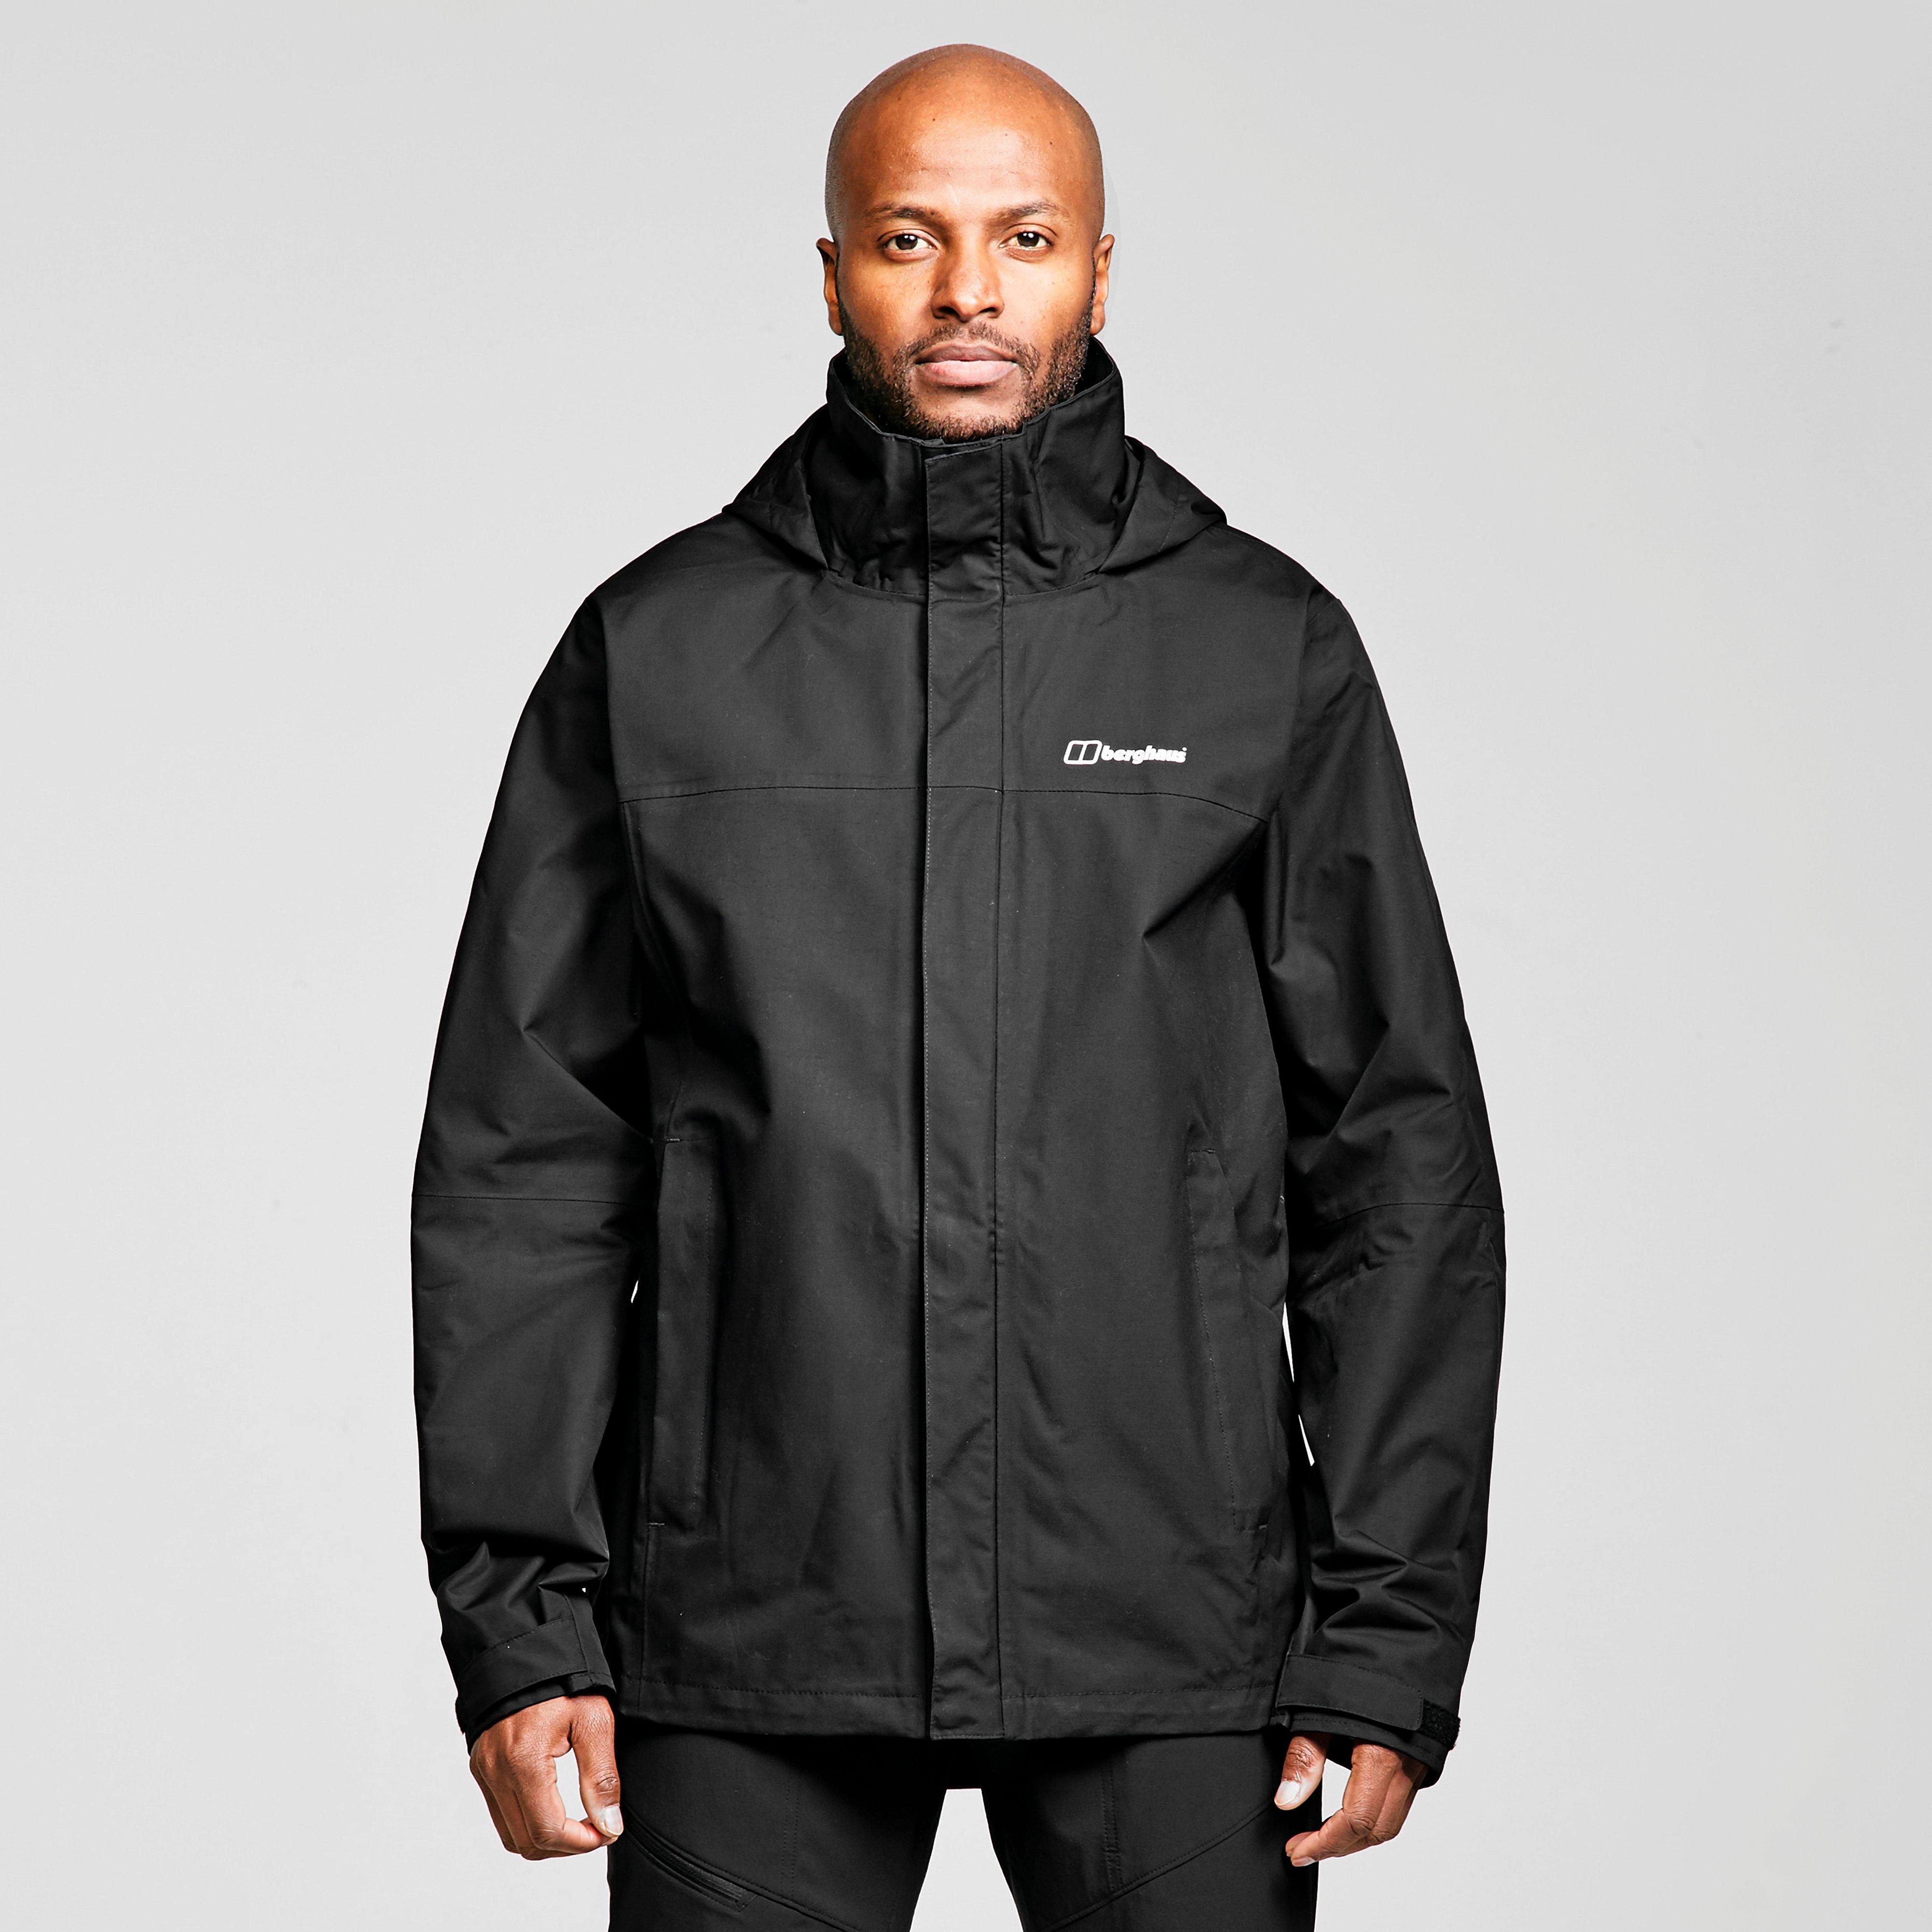 Berghaus Mens Arisdale 3 In 1 Gore-tex Jacket - Black  Black